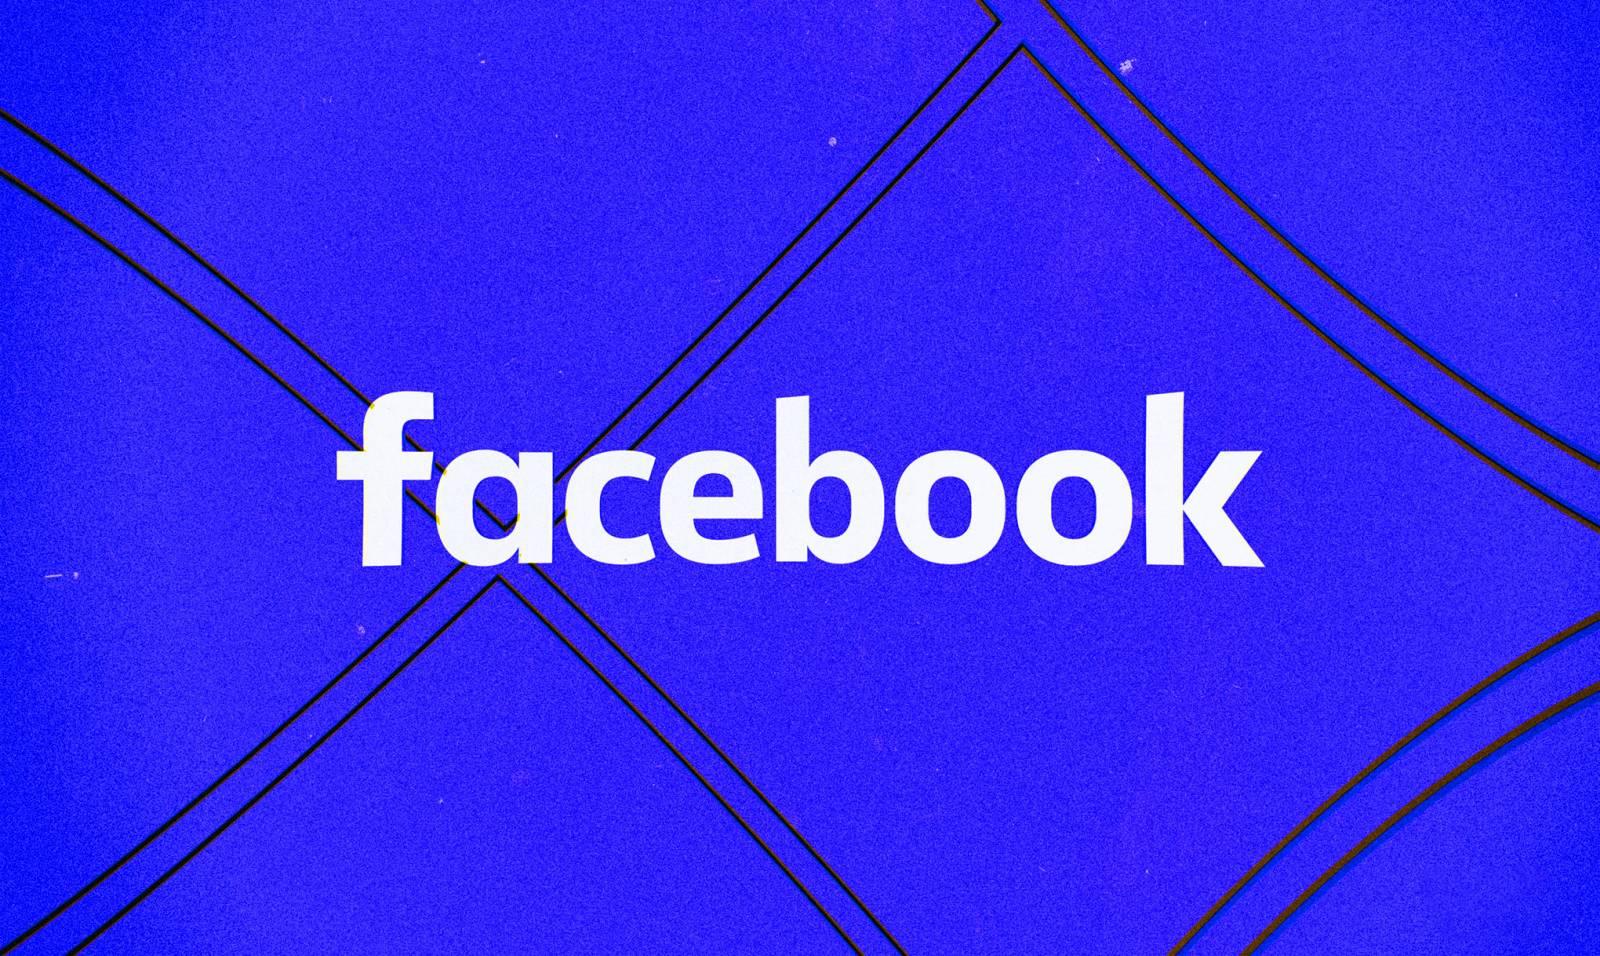 Facebook pangolin